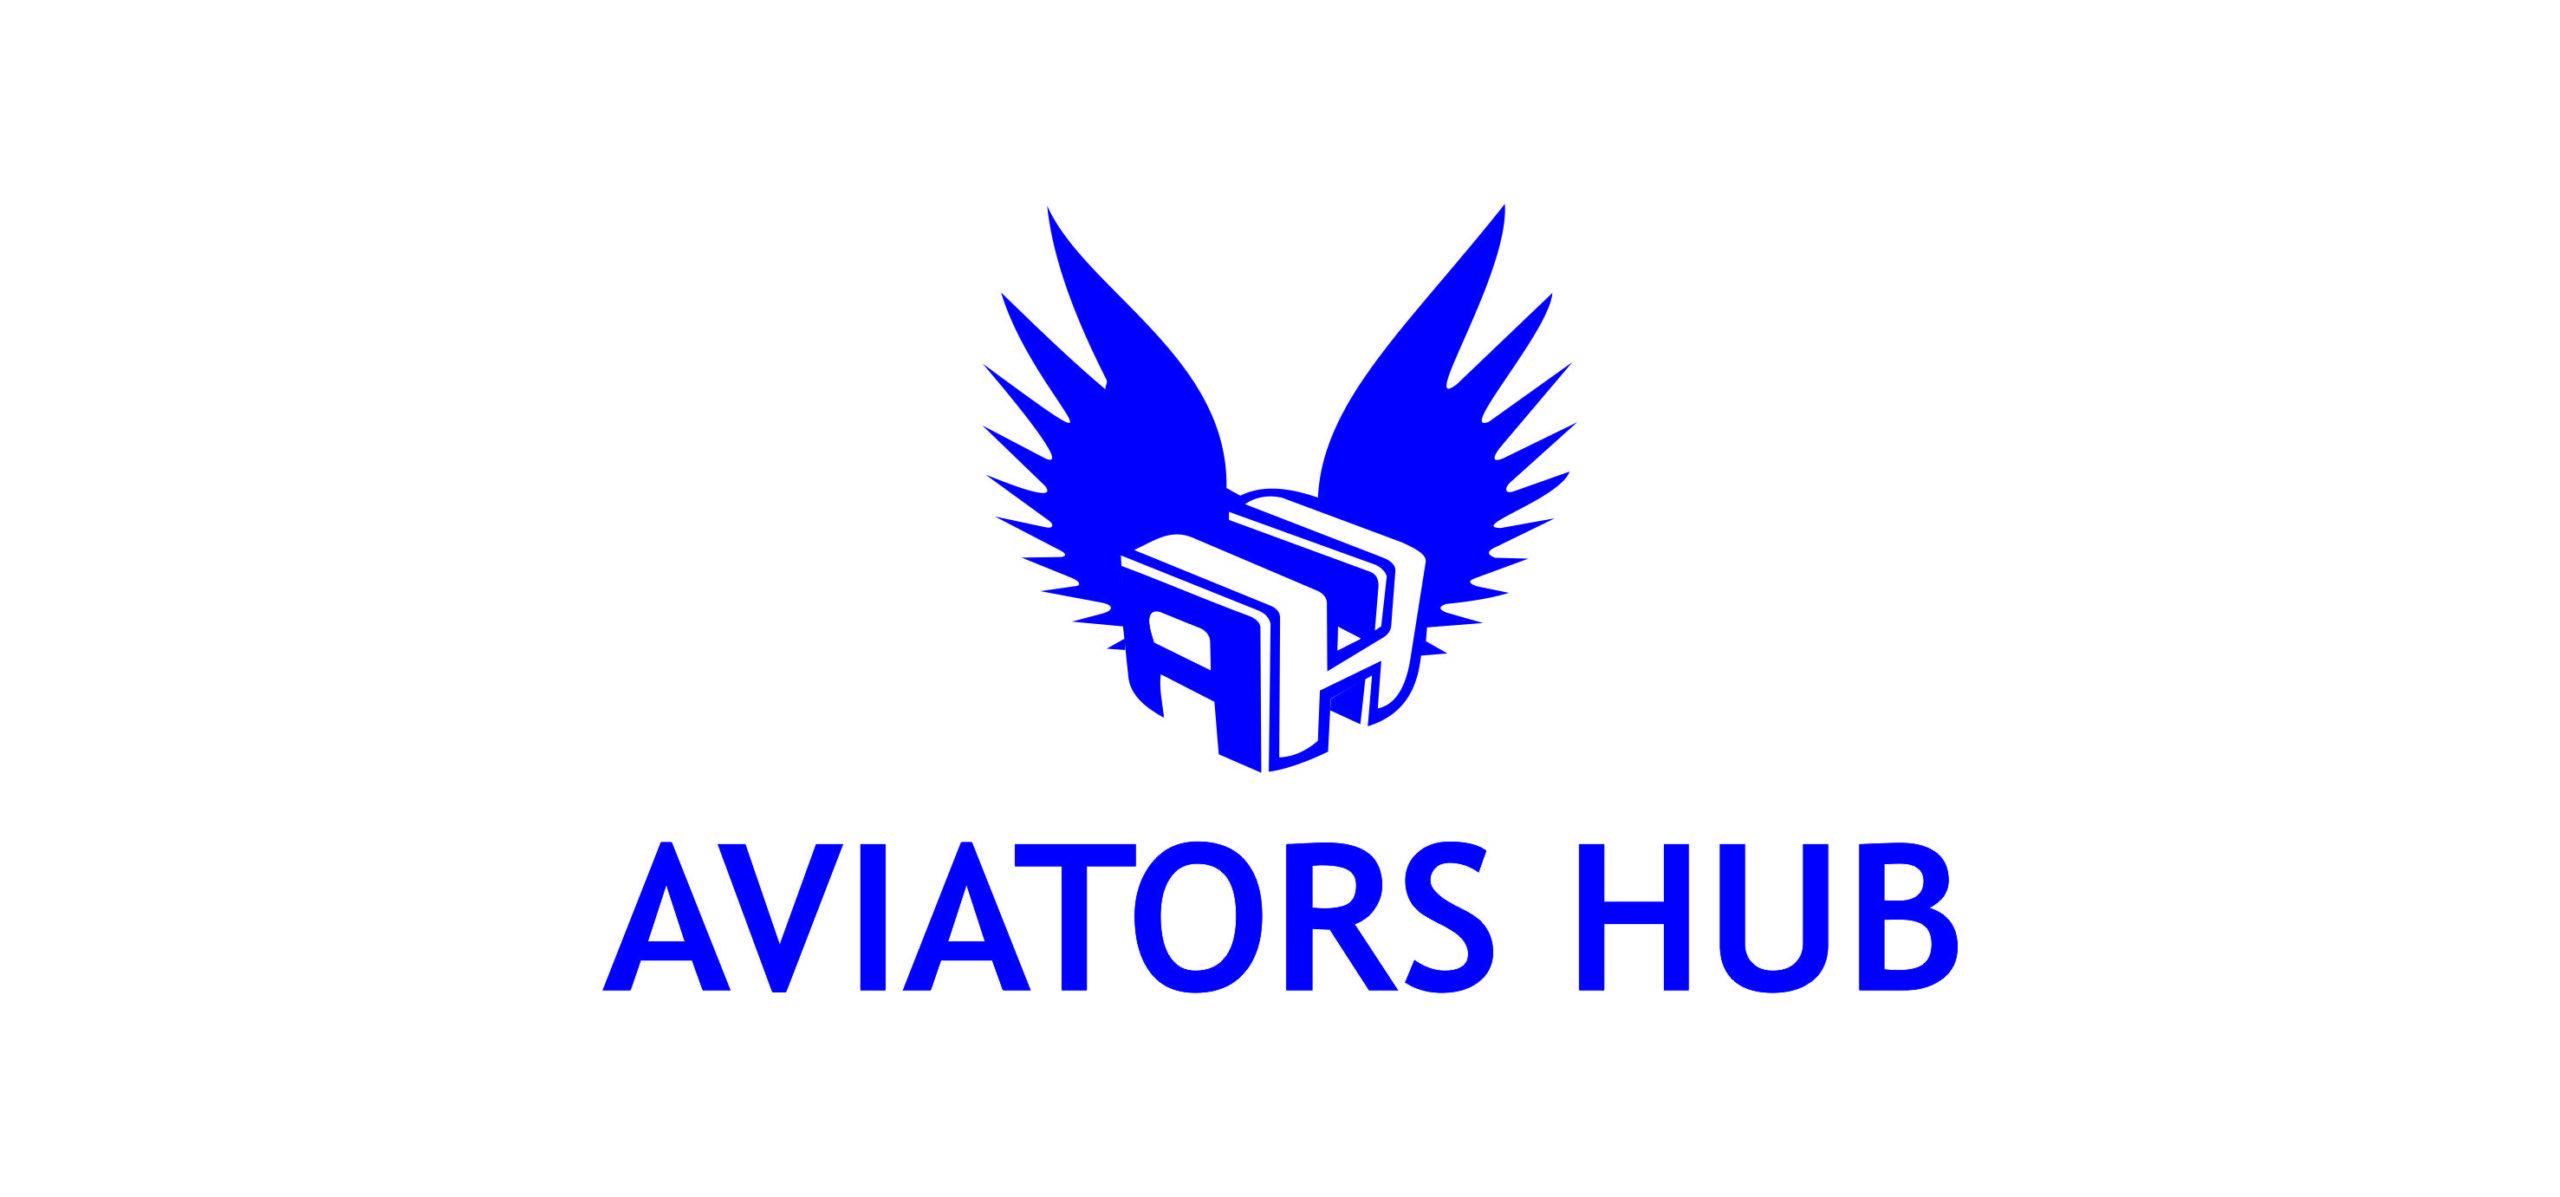 MAVIATOR HUB